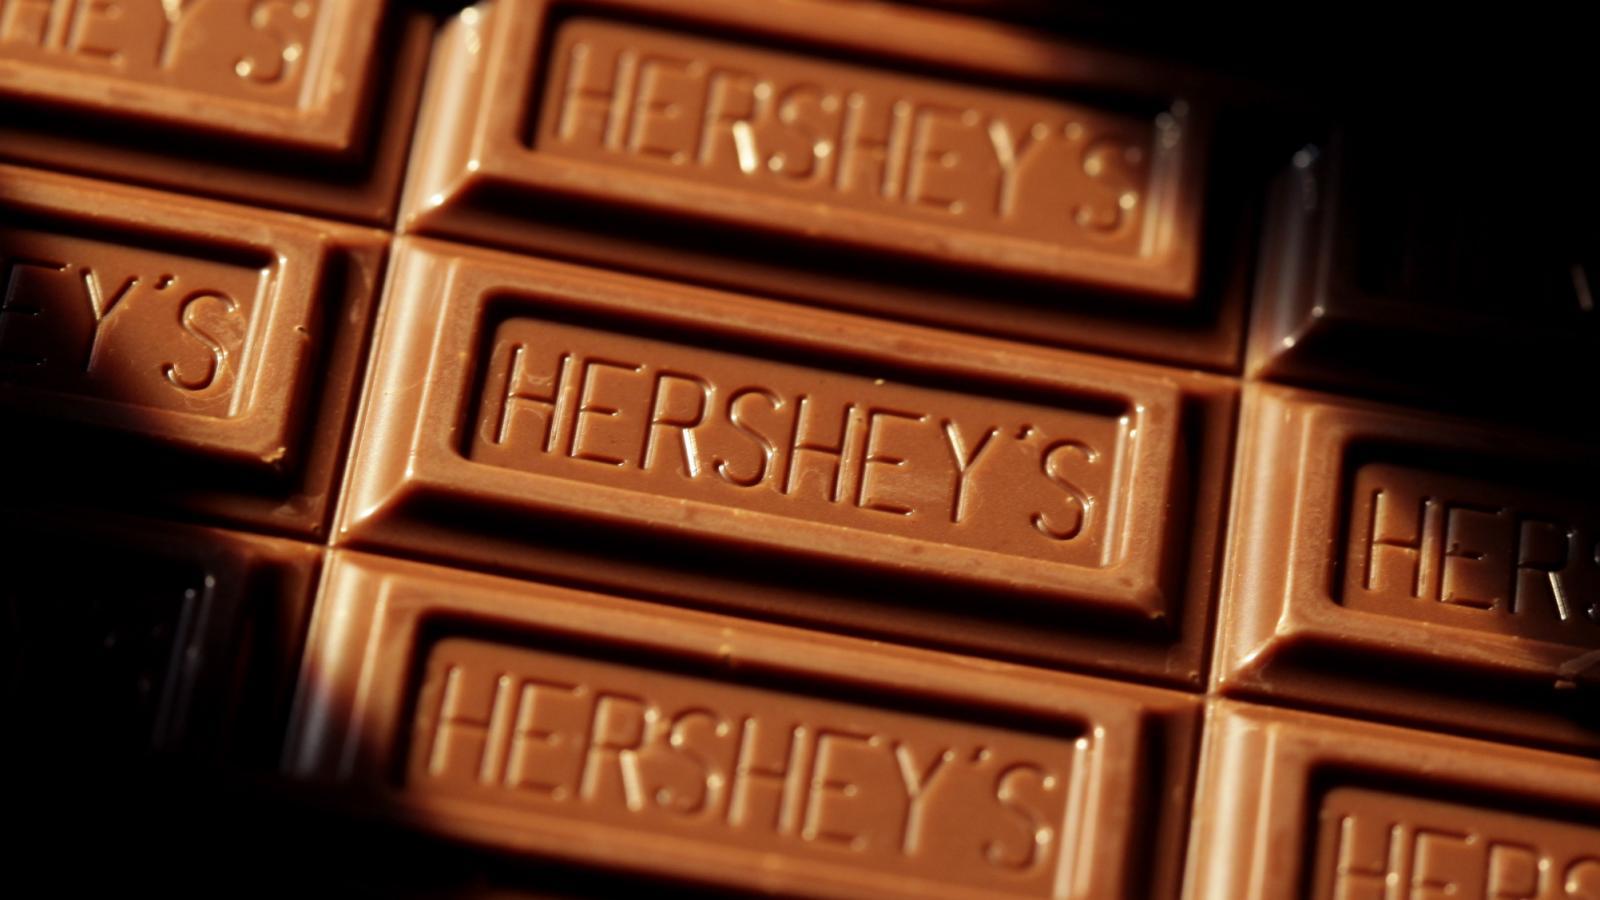 hersheys chocolate computer wallpaper 66288